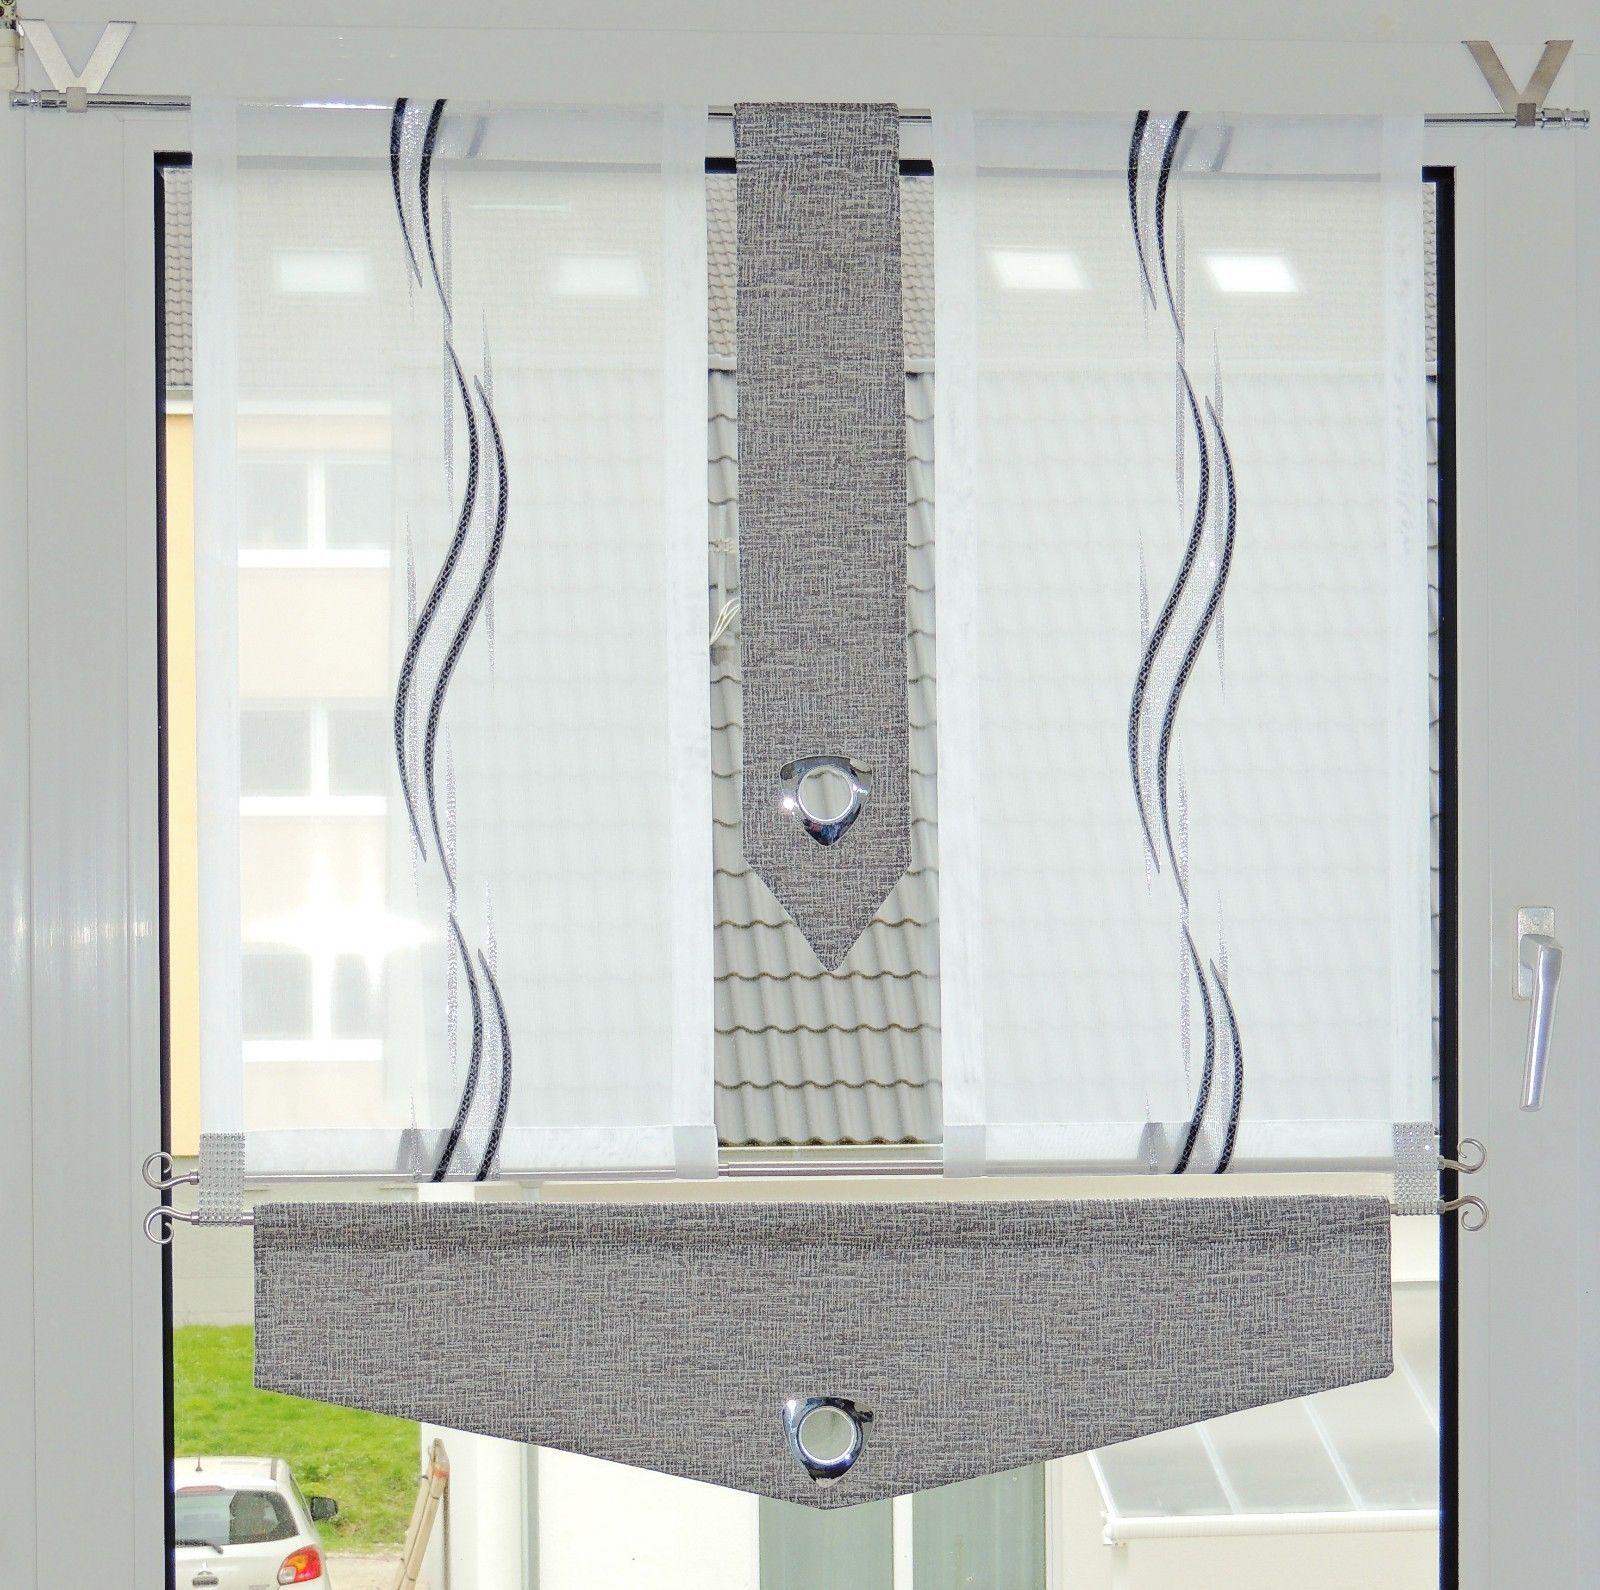 Full Size of Moderne Küchenvorhänge Bilder Fürs Wohnzimmer Esstische Landhausküche Modernes Bett 180x200 Duschen Sofa Deckenleuchte Wohnzimmer Moderne Küchenvorhänge